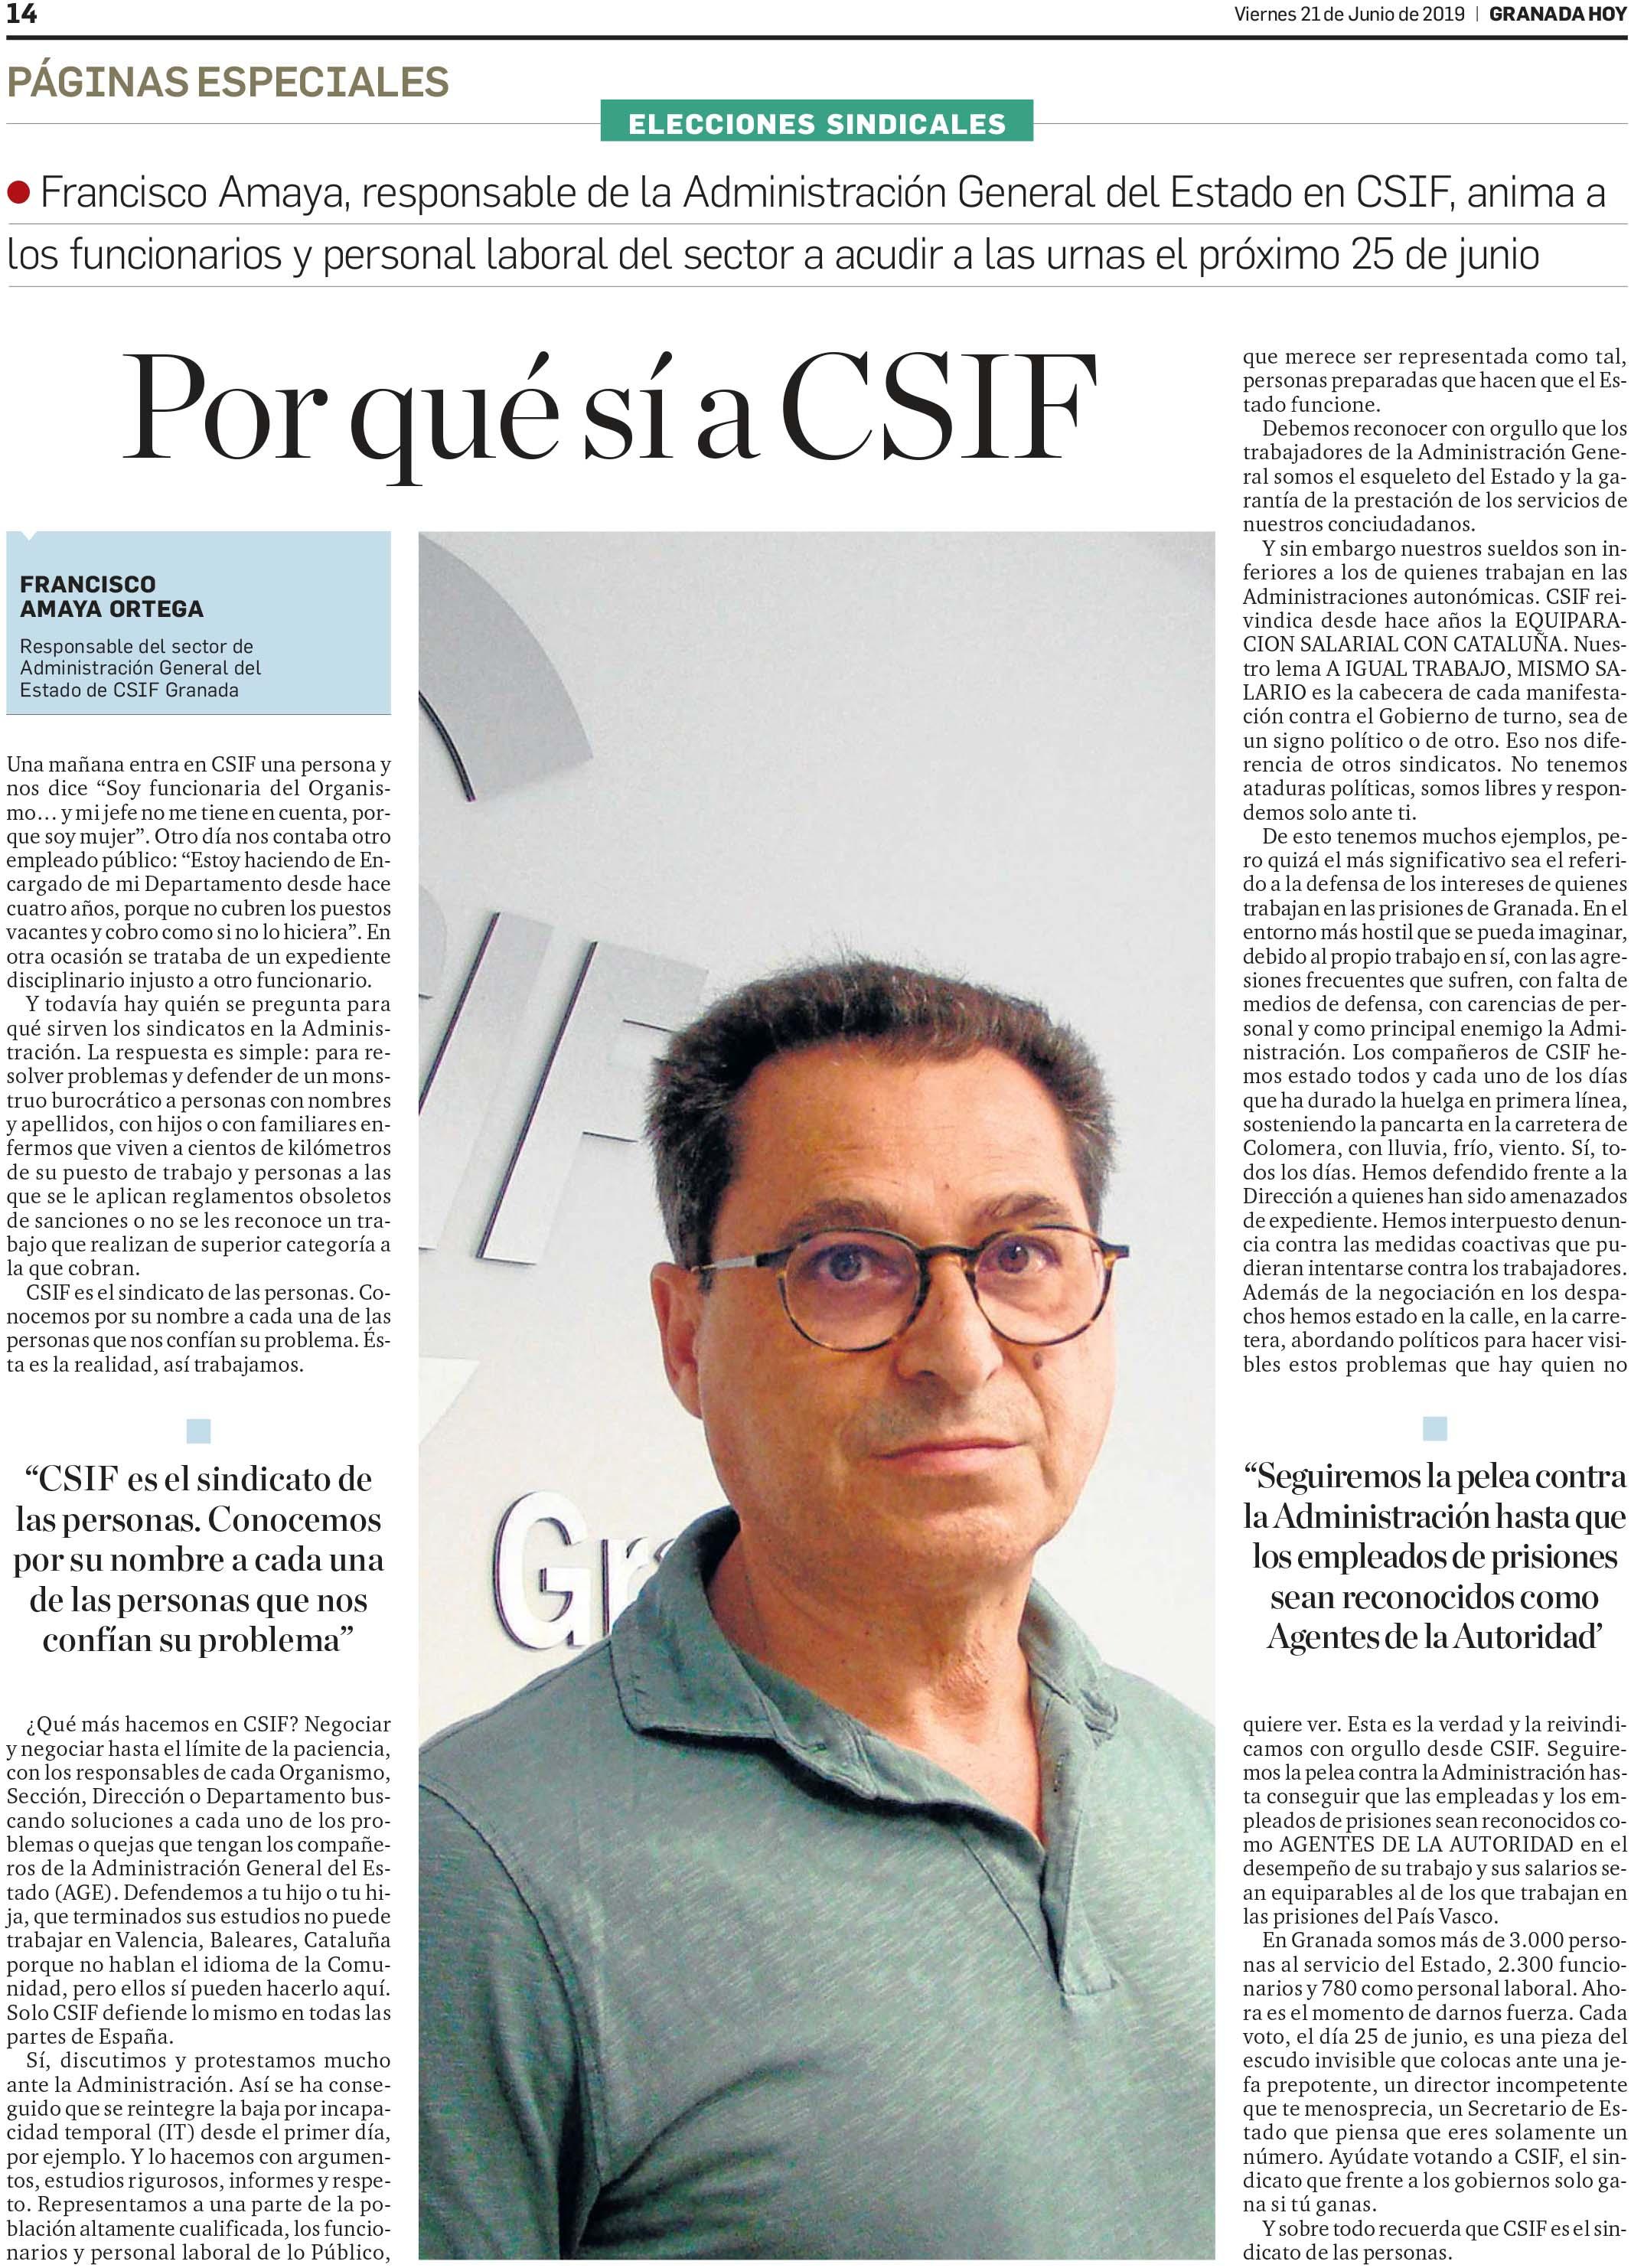 Elecciones sindicales AGE Granada 25Junio